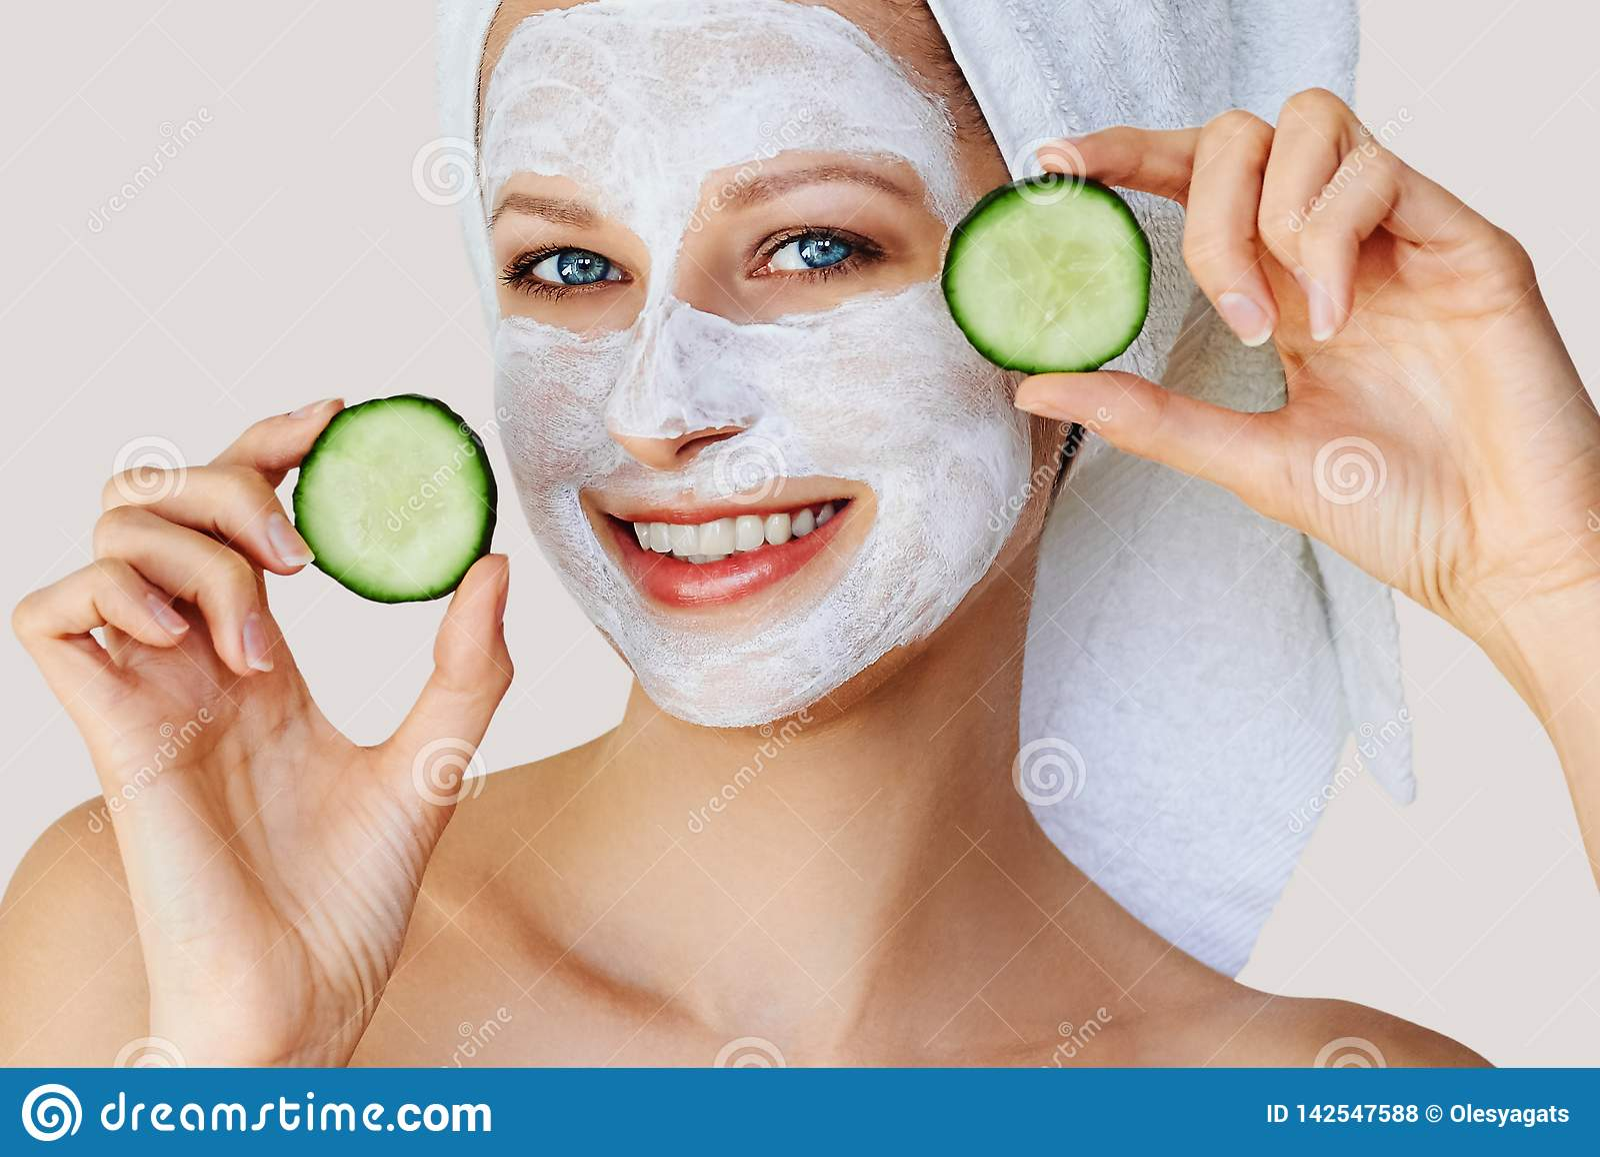 Schöne junge Frau mit Gesichtsmaske auf ihrem Gesicht, das Scheiben der Gurke hält Hautpflege und Behandlung, Badekurort, Natursc